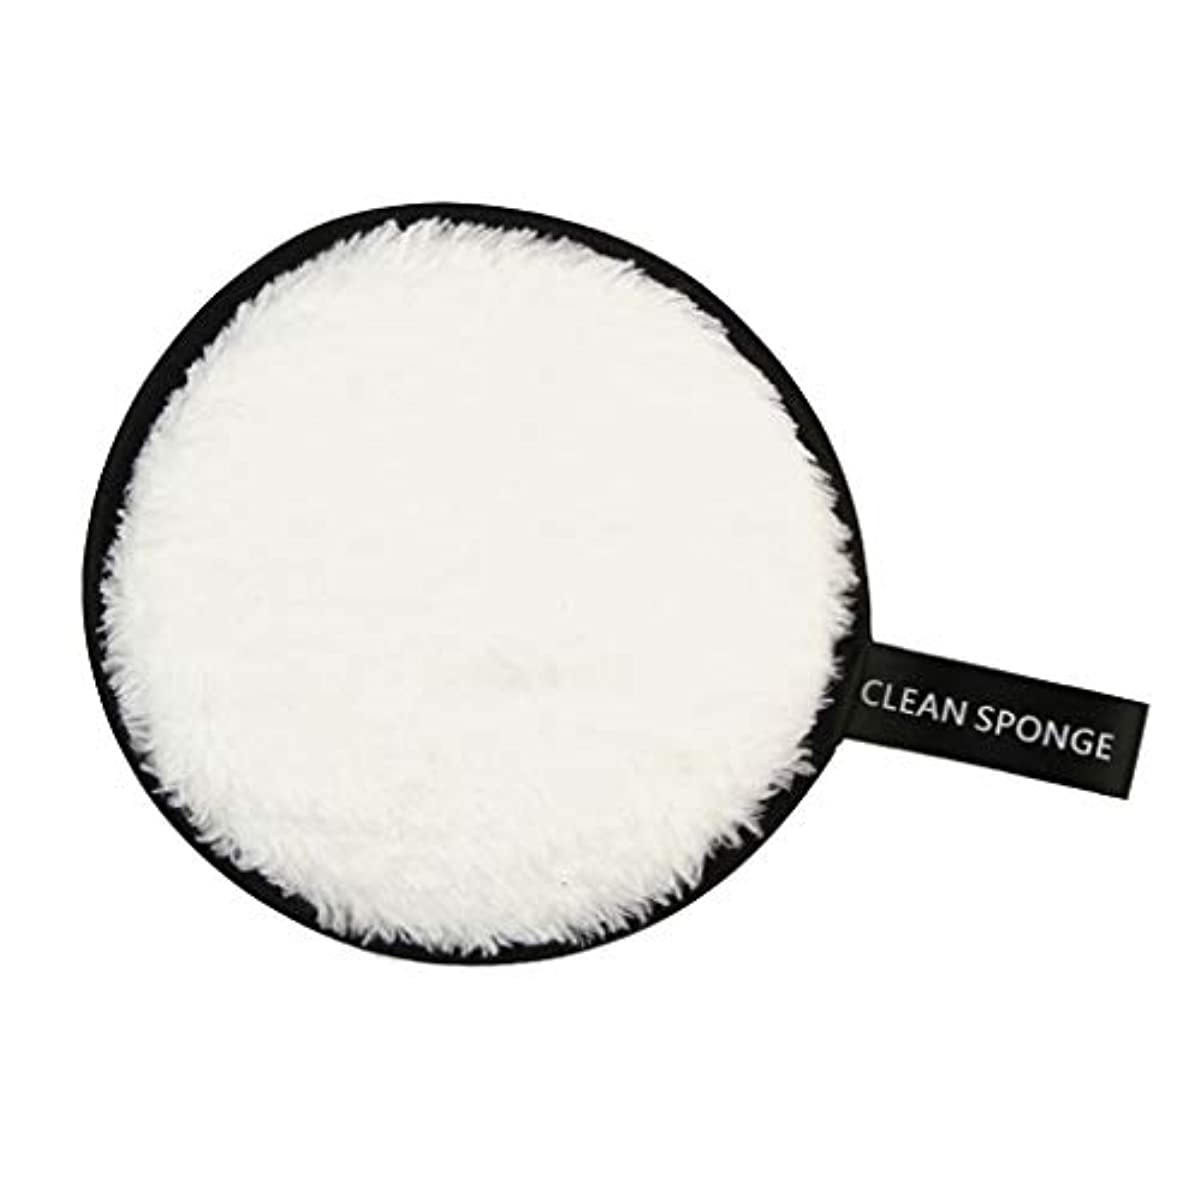 重要性今疑わしいPerfeclan 全6色 フェイススポンジ 再利用可能 洗顔パフ クリーニングパフ 化粧落としパッド - 白